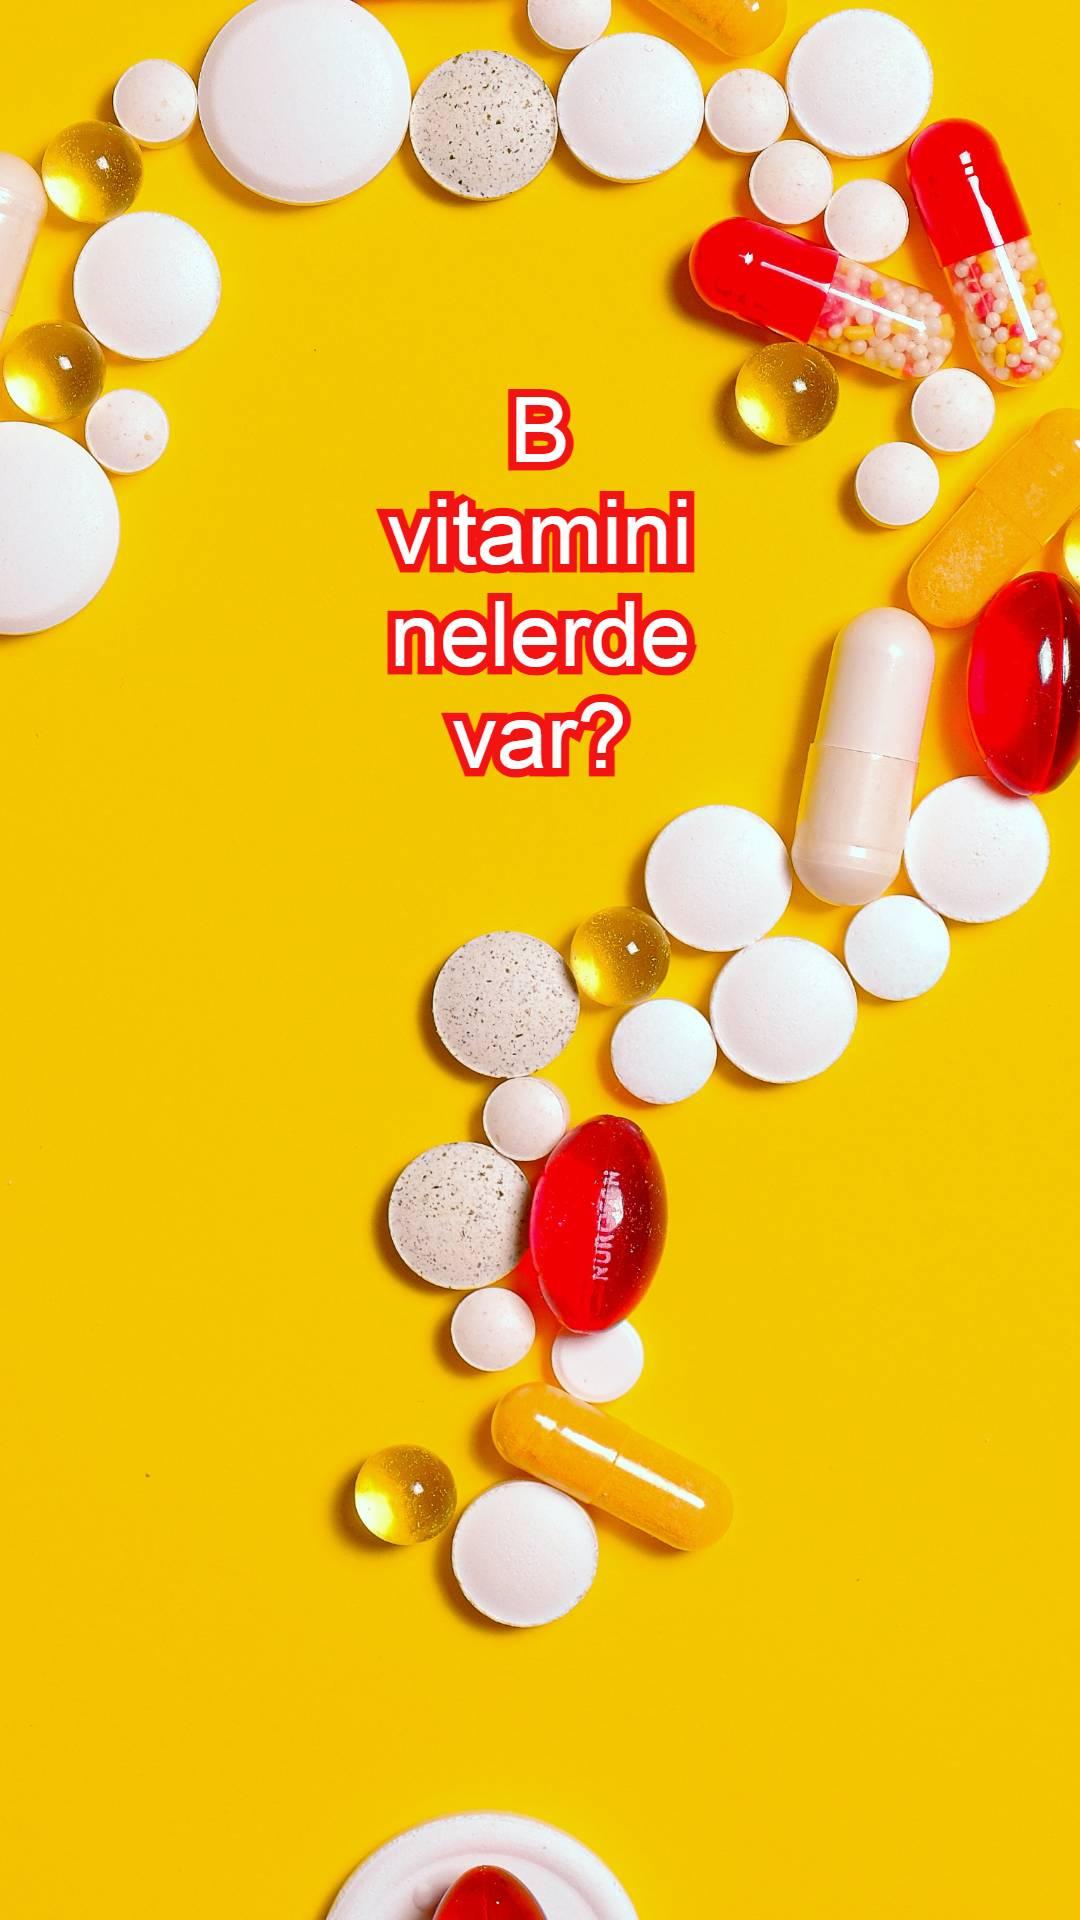 B vitamini faydaları-B vitamini ilaçları-B vitamini kompleksi-B vitamini-B vitamini nelerde var-B vitamini eksikliği-B vitamini fiyat